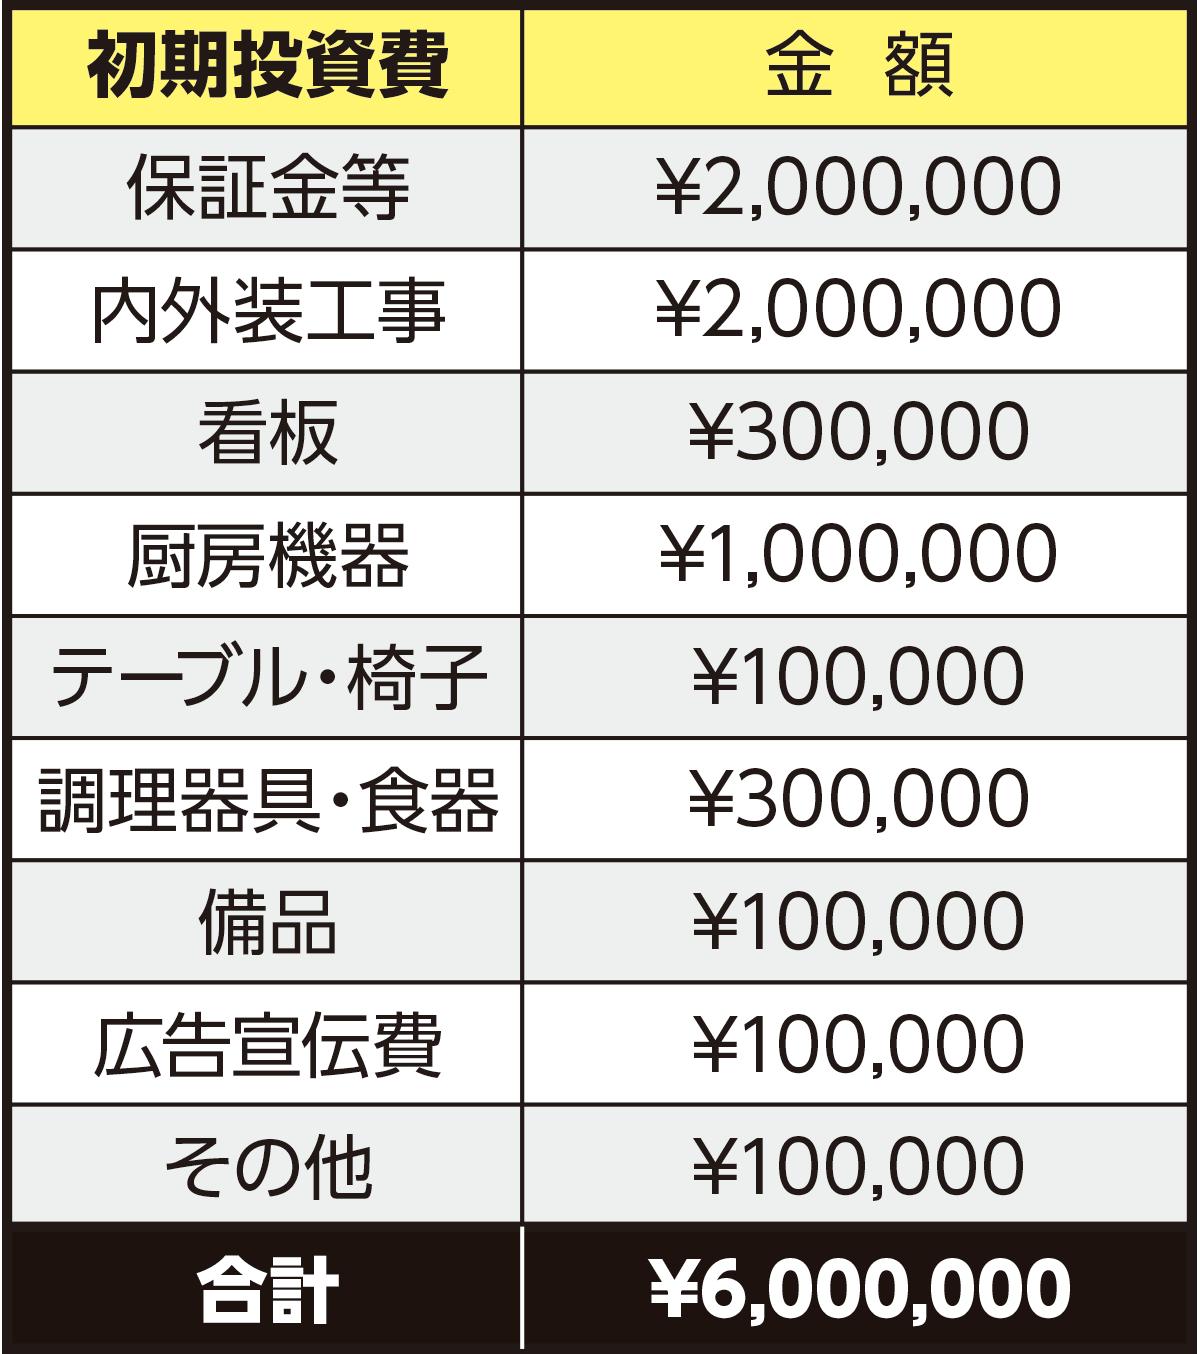 初期投資費 600万円